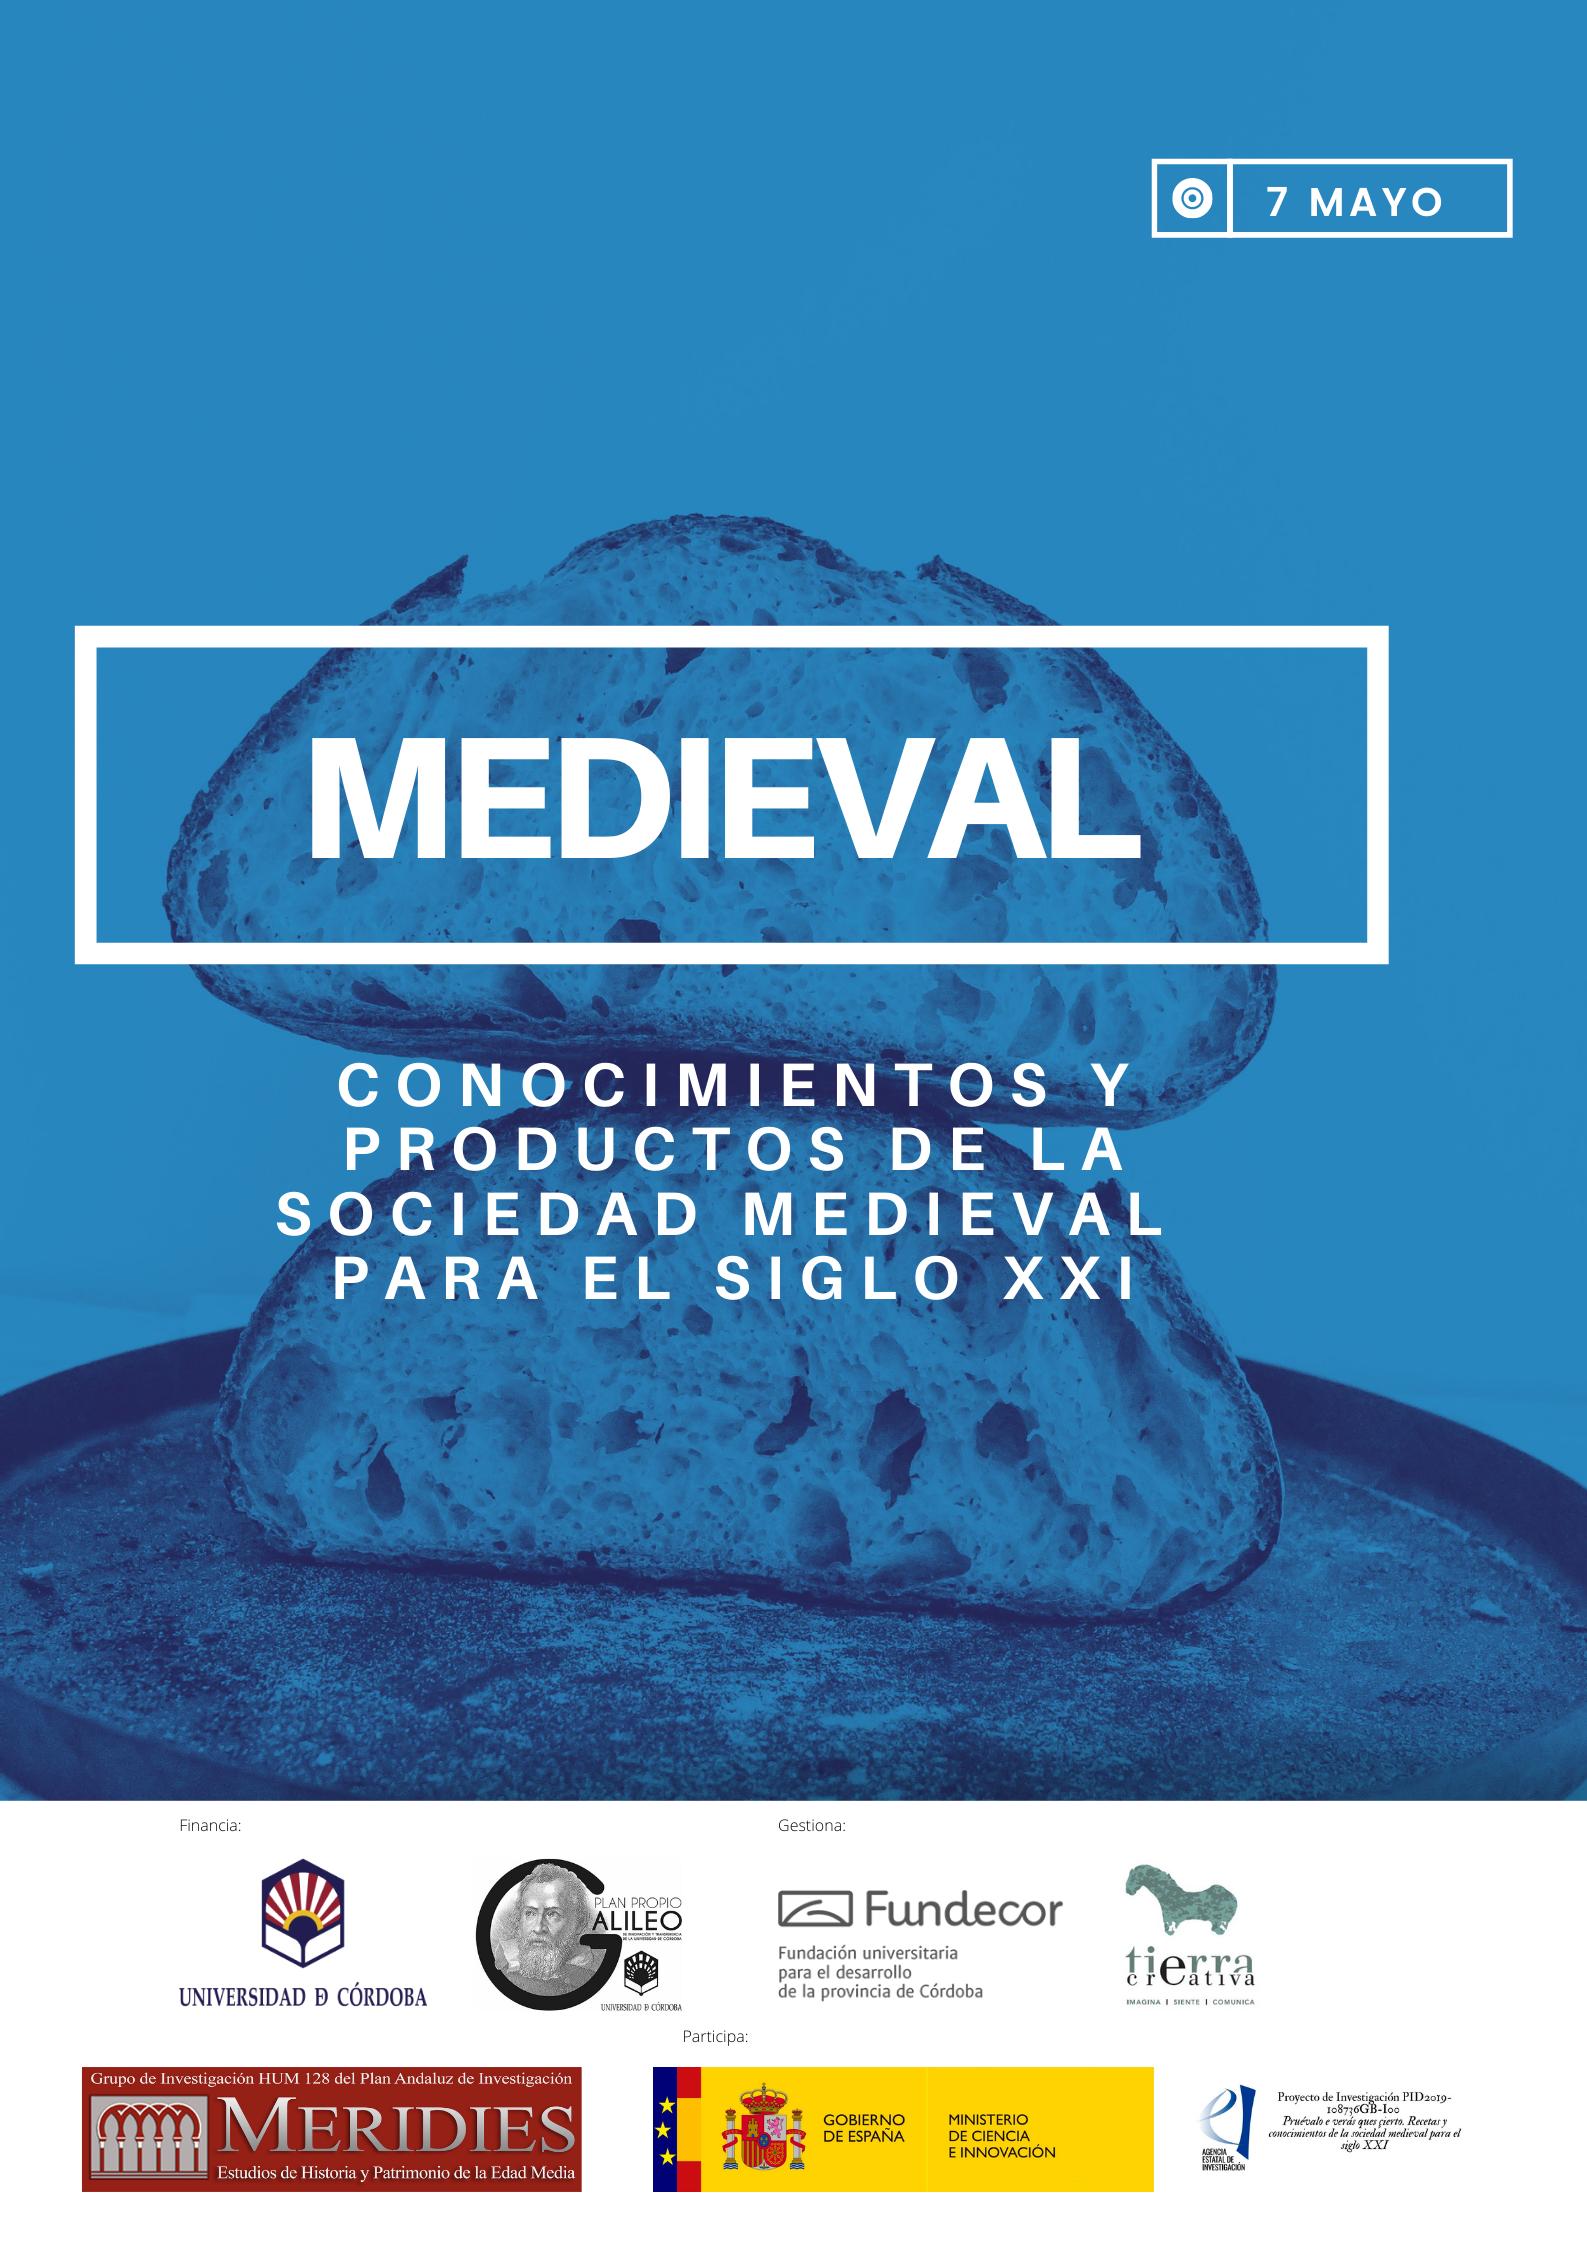 Conocimientos y productos de la sociedad medieval para el siglo XXI